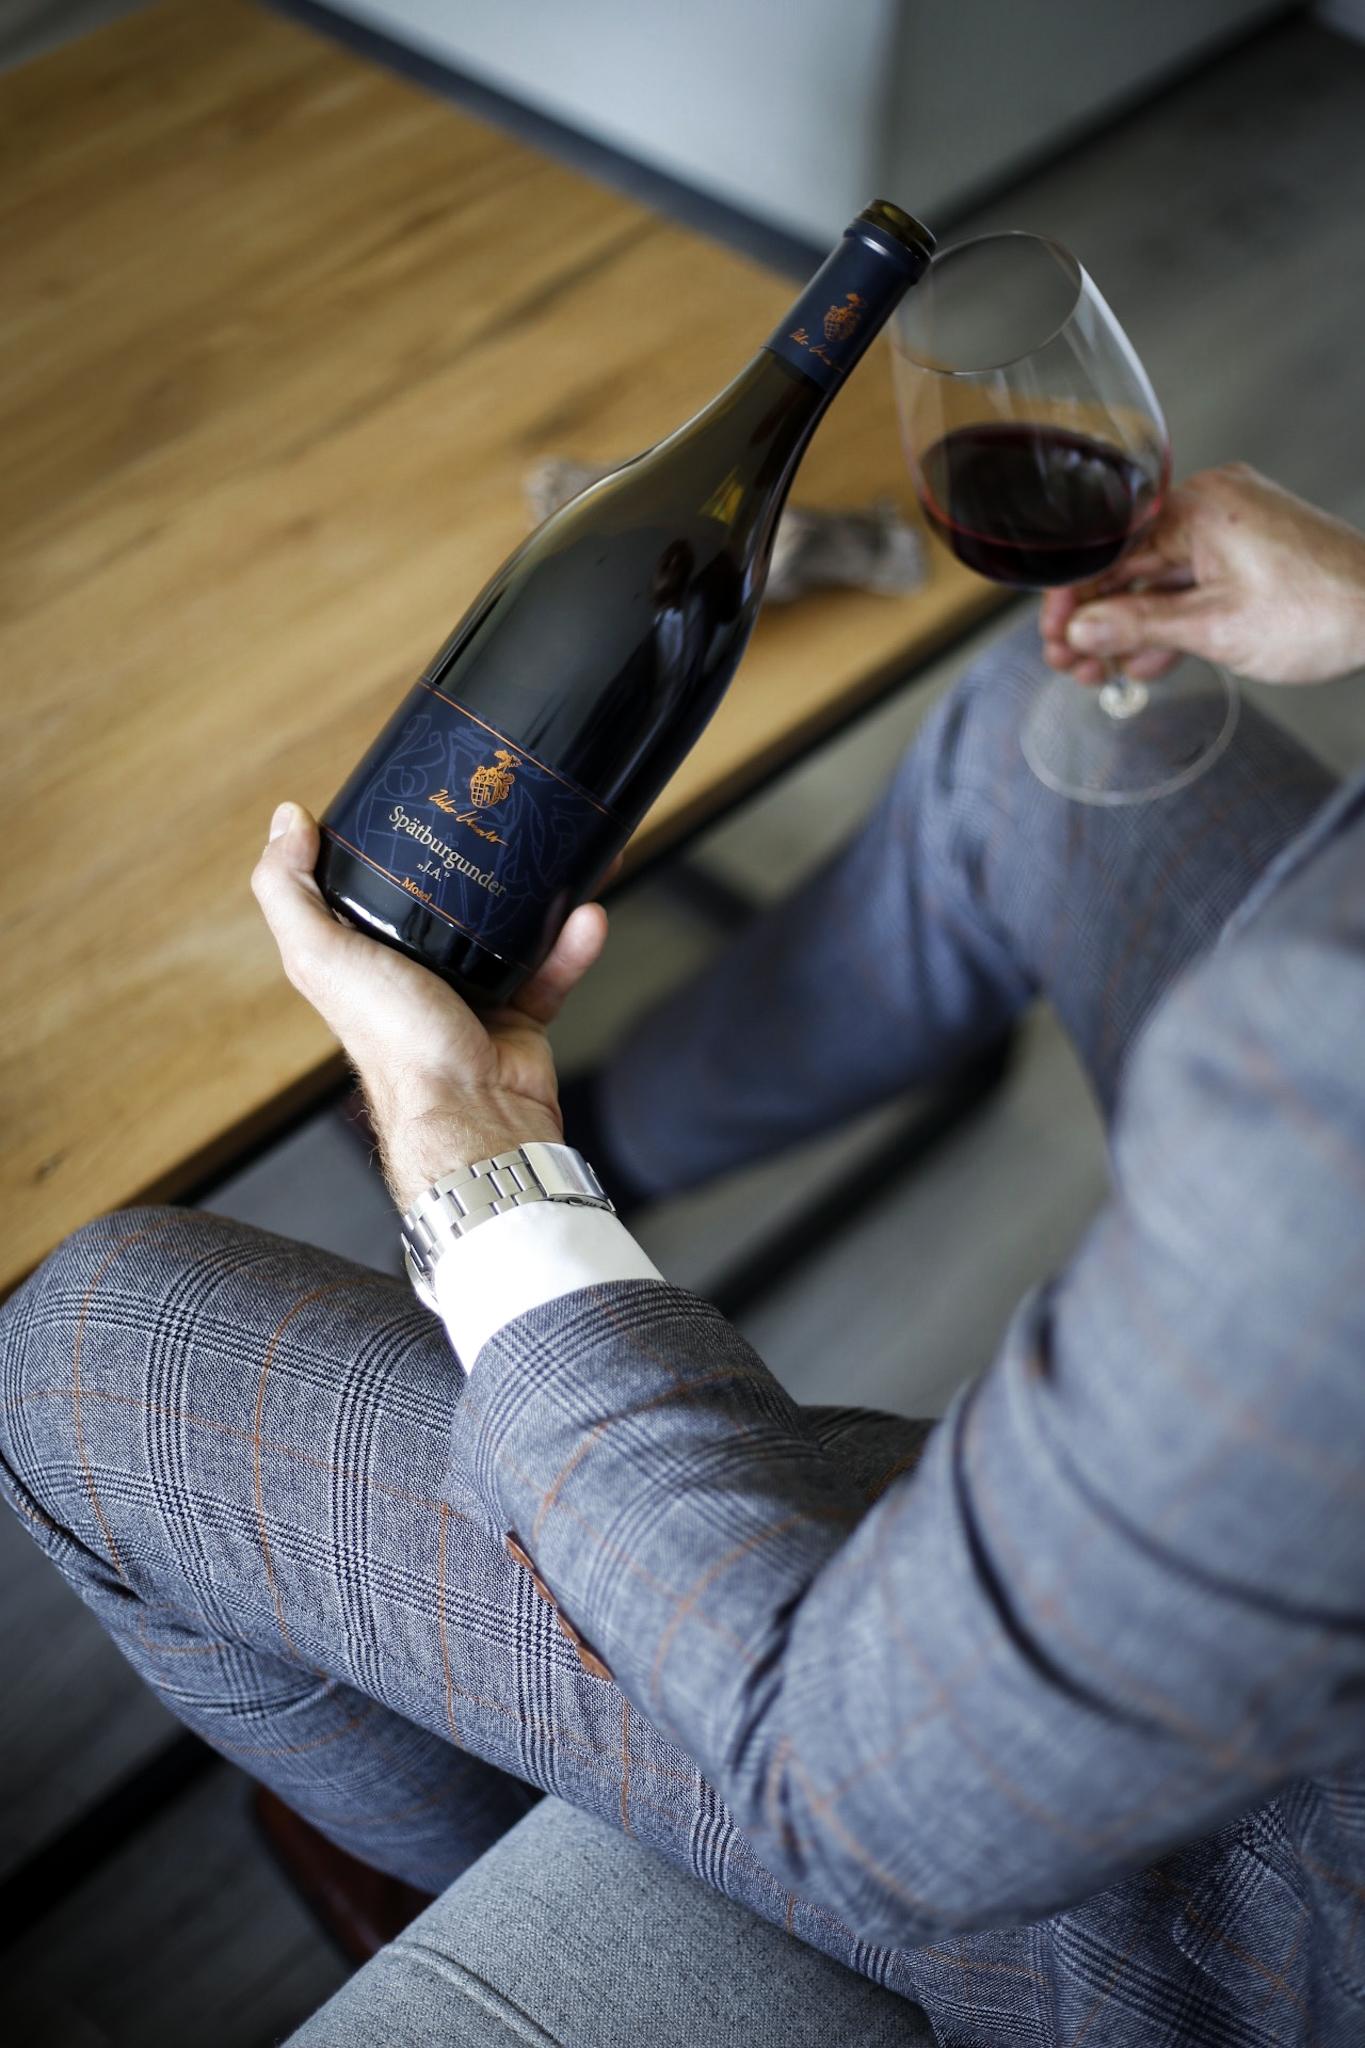 Weingut an der Mosel mit südländischem Flair - Weingut Knodt-Trossen Kröv Mosel Weinfest Wein Vino Wine Riesling